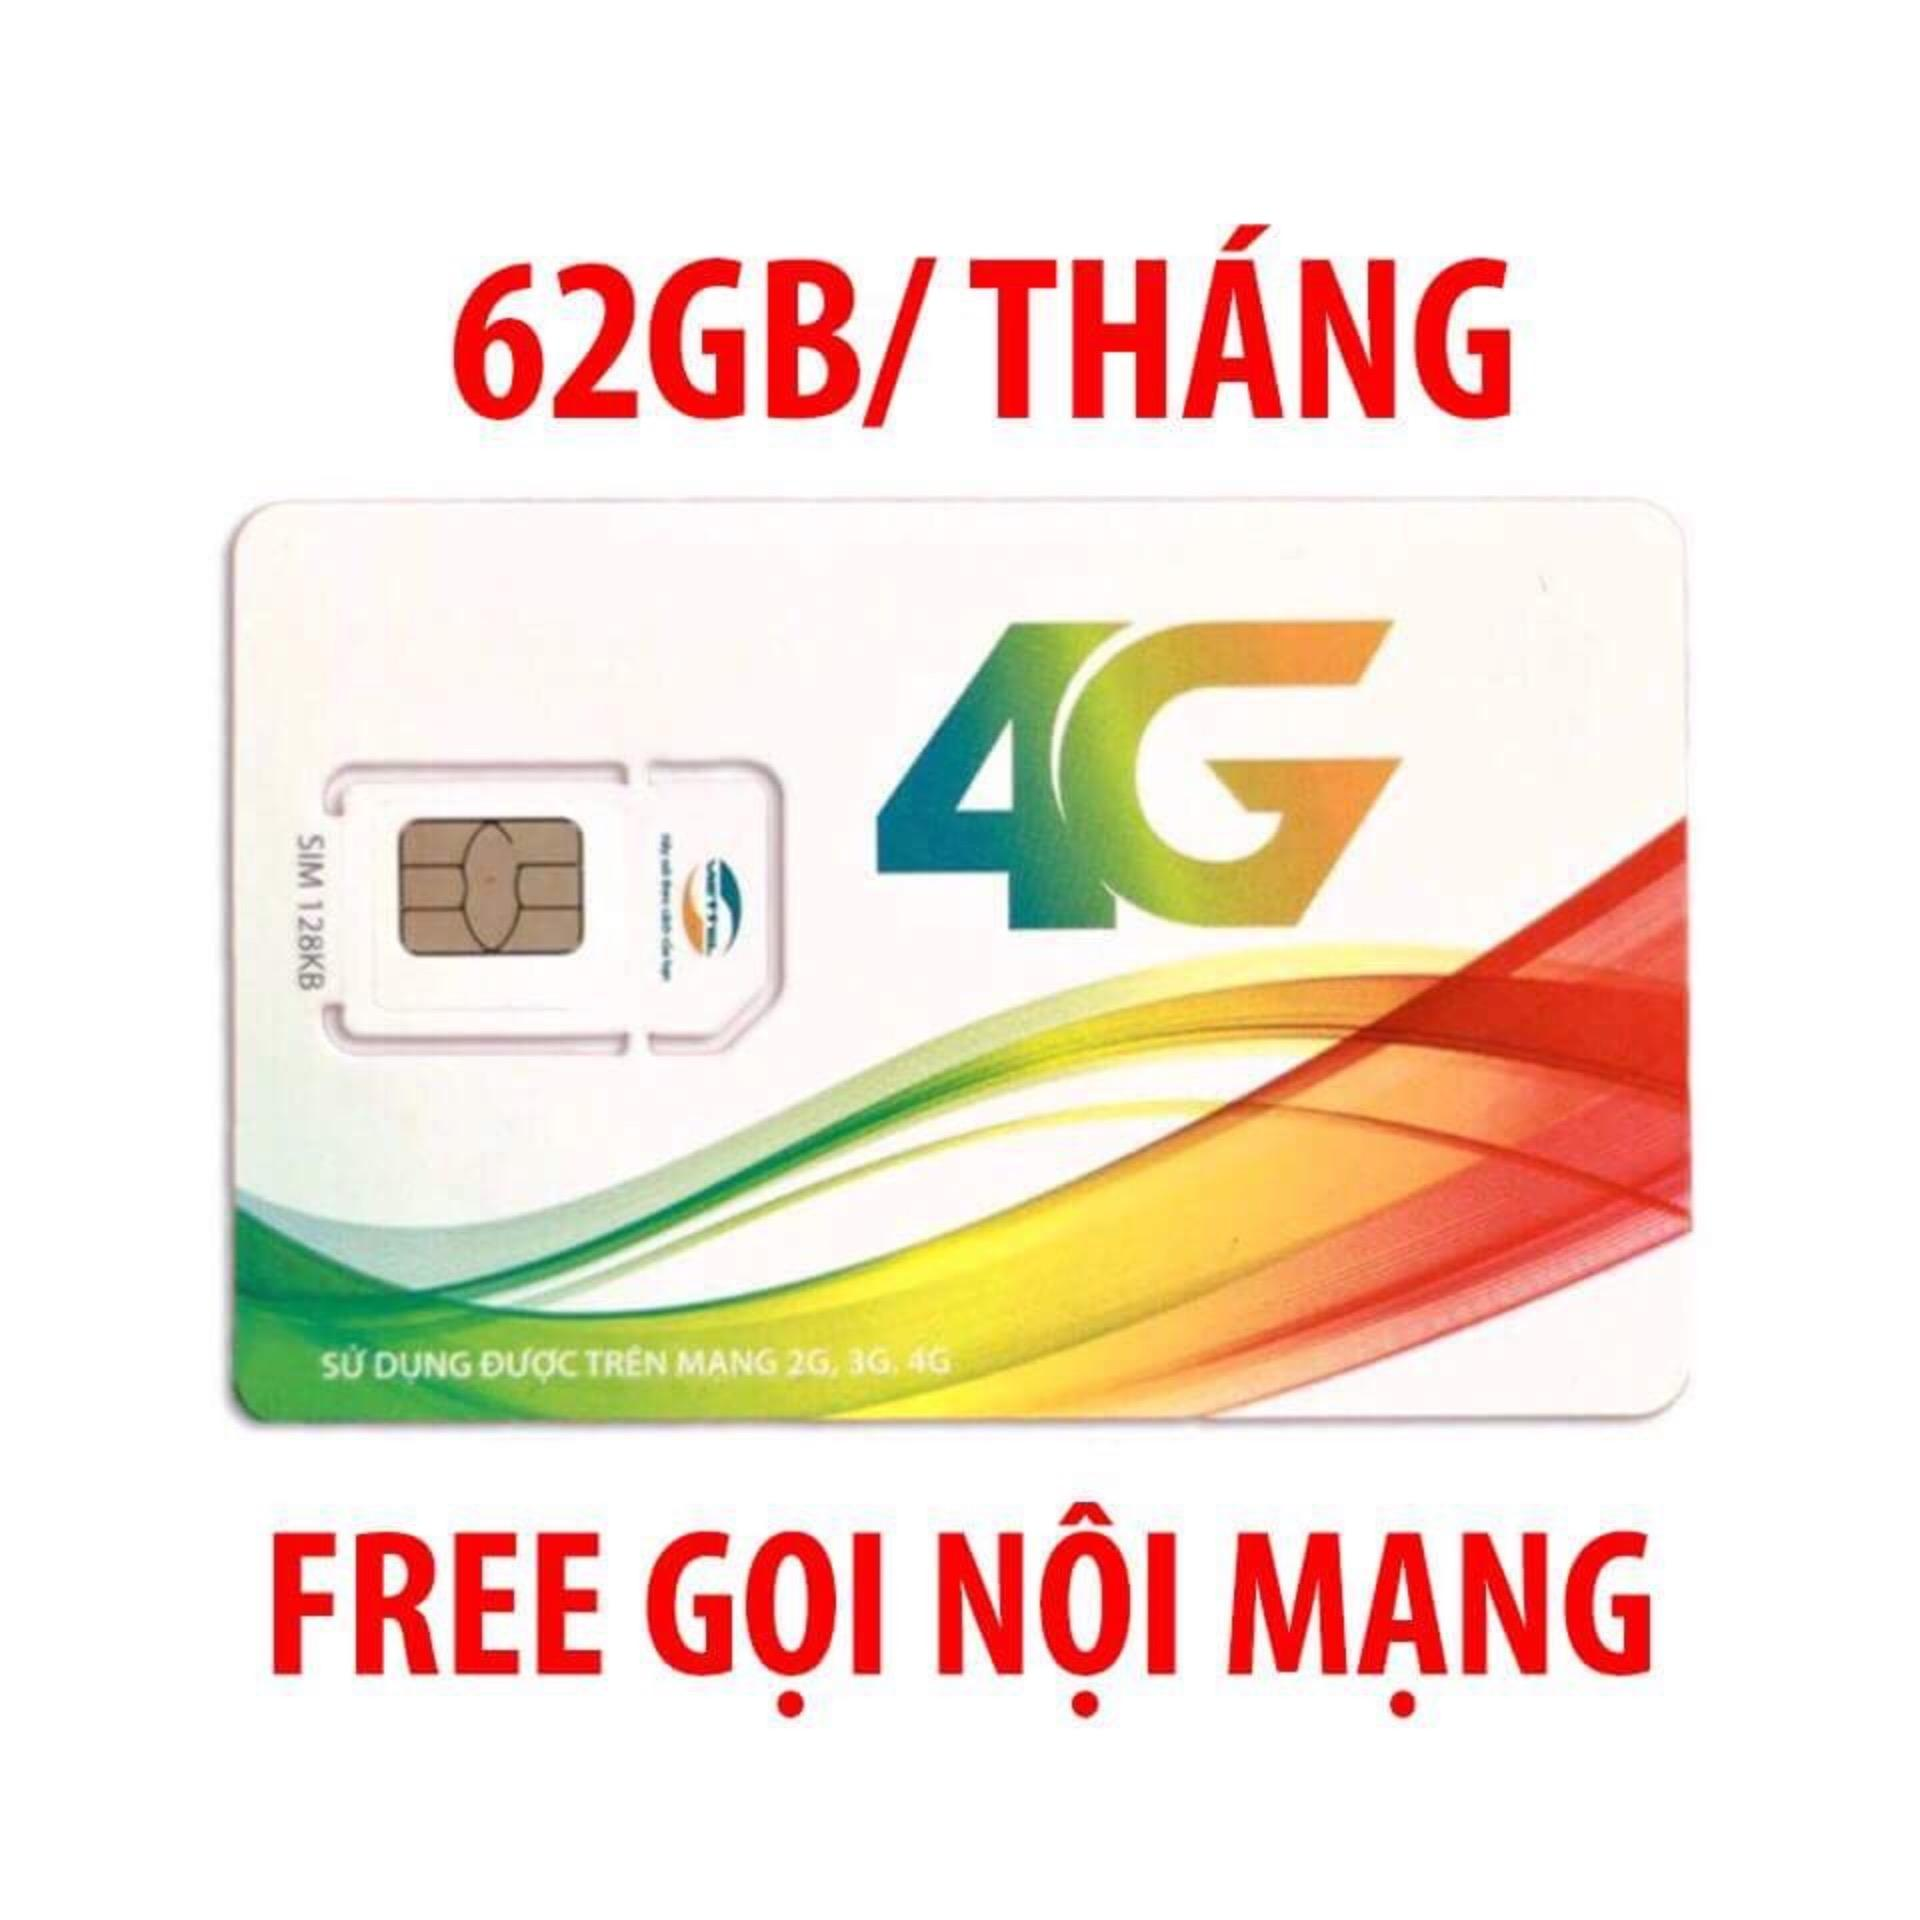 Hình ảnh SIM 4G VIETTEL V90 miễn phí gọi nội mạng, tặng 62GB/THÁNG